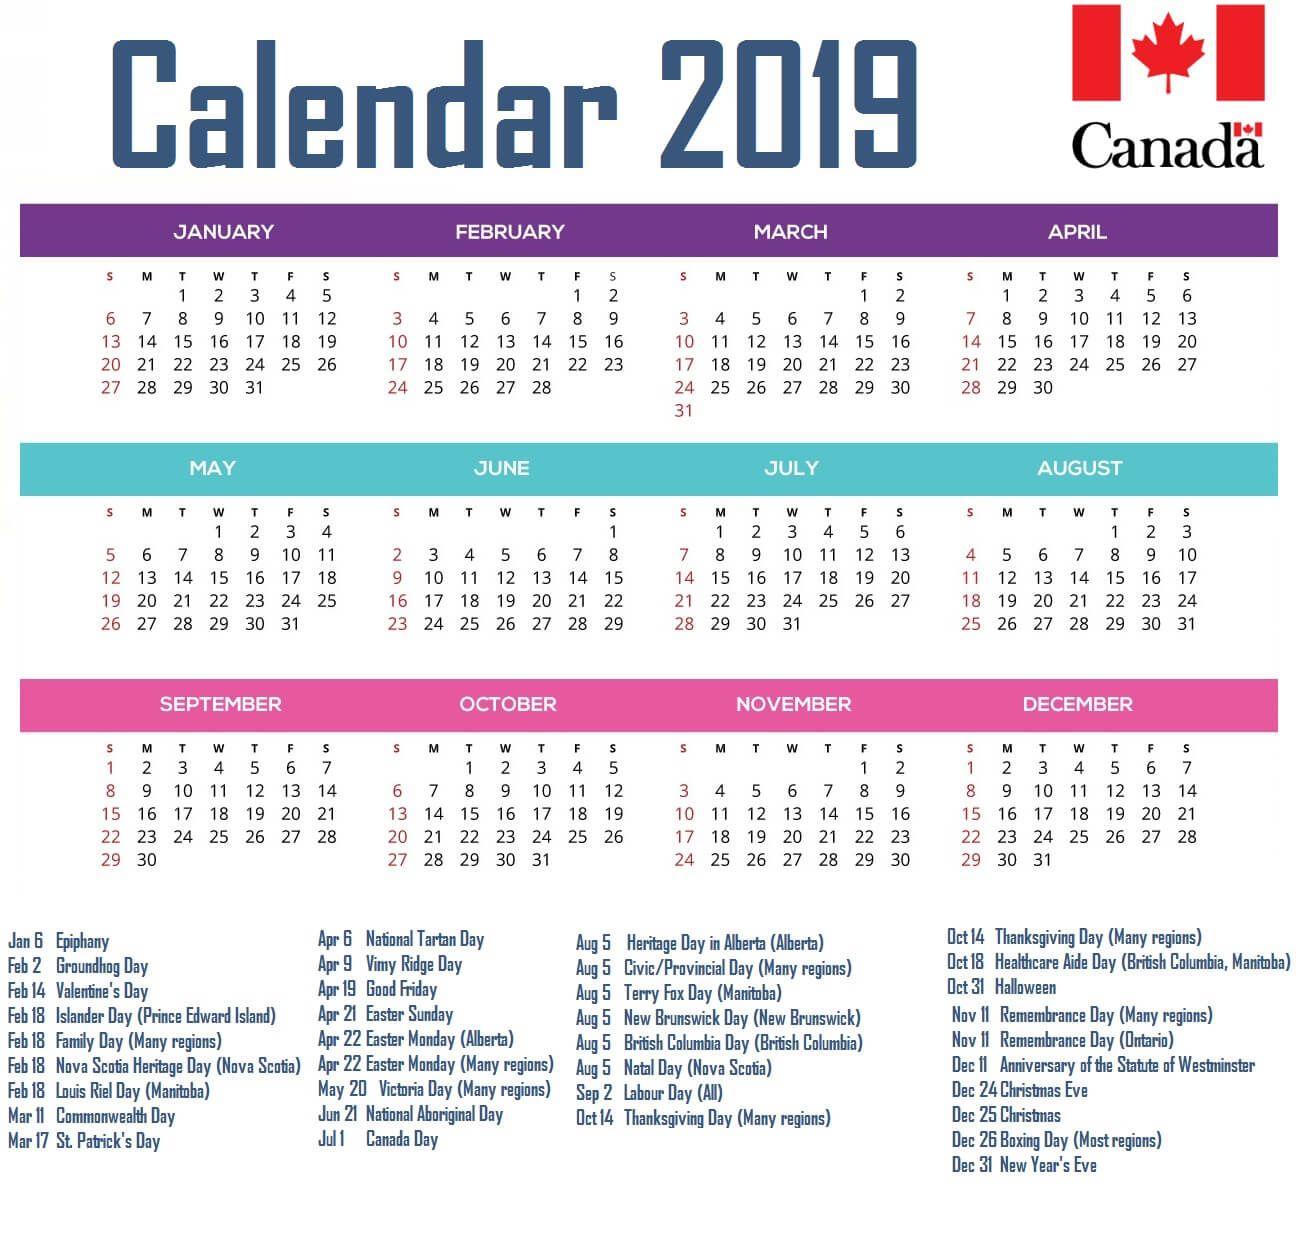 Cute 2019 Canada Calendar Canada2019calendar Canada Holidays 2019calendar Canadacalendar20 Holiday Calendar Printable Holiday Calendar Calendar Printables